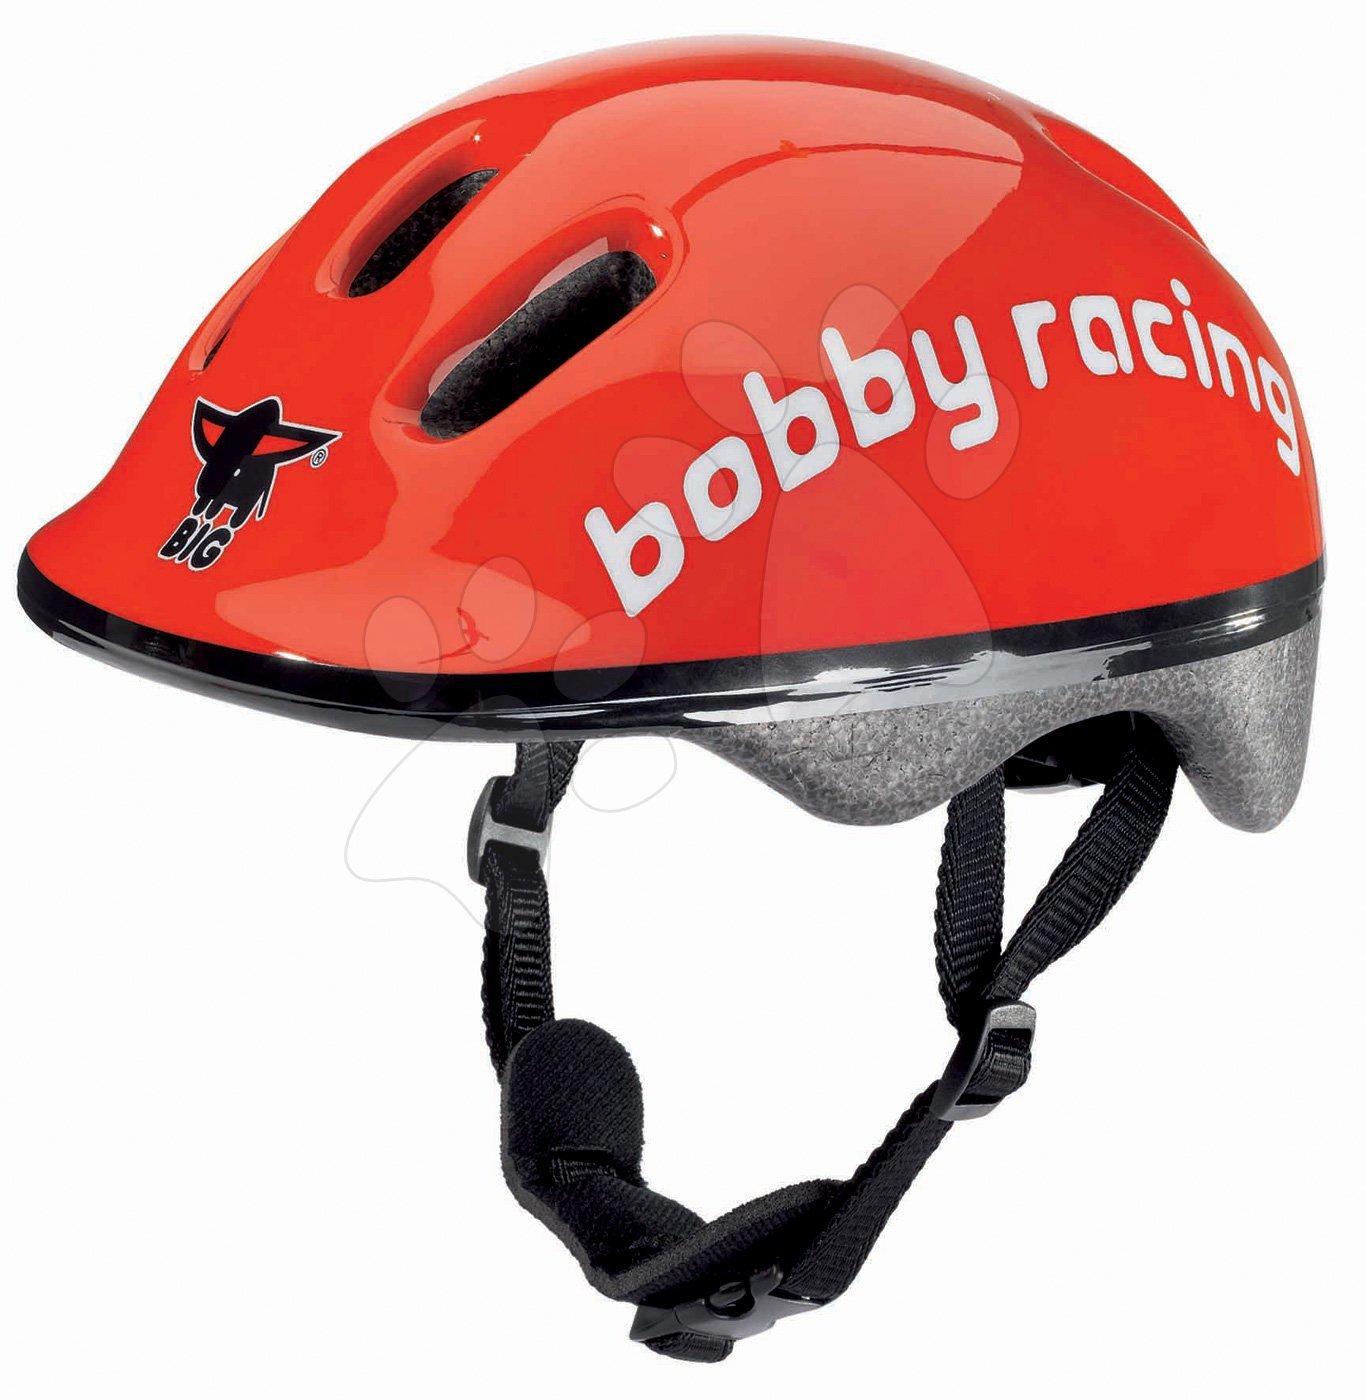 Detské prilby - Prilba Racing BIG veľkosť 48-54 červená od 12 mes